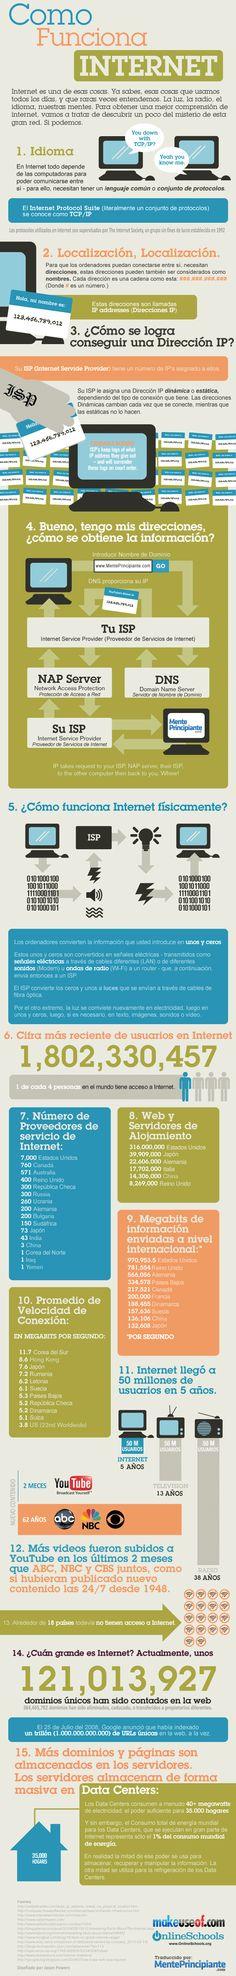 #Infografia #Curiosidades ¿Cómo Funciona Internet? #TAVnews